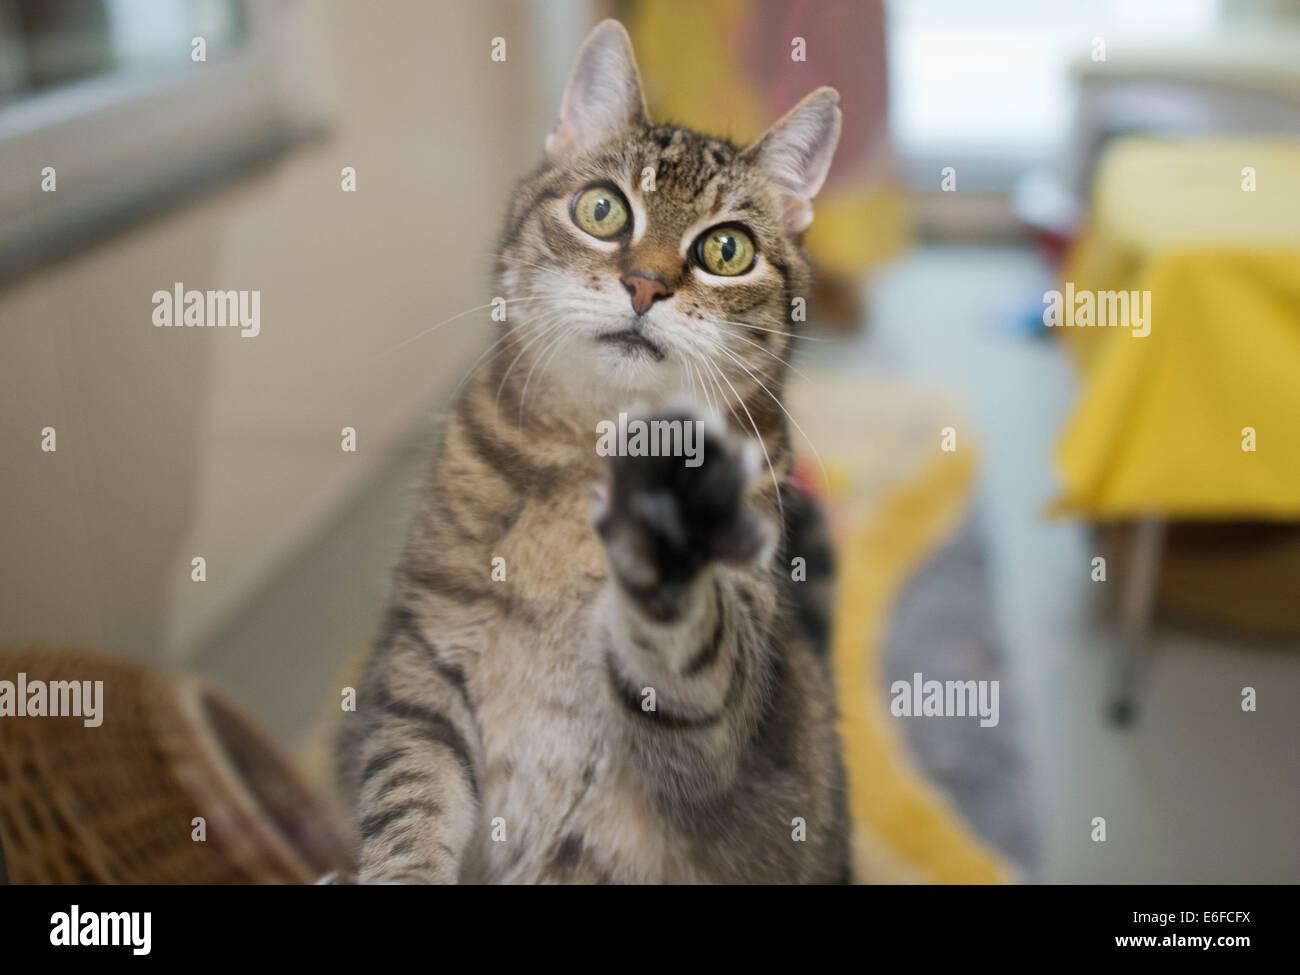 Katzenbabys Bilder Zum Ausdrucken